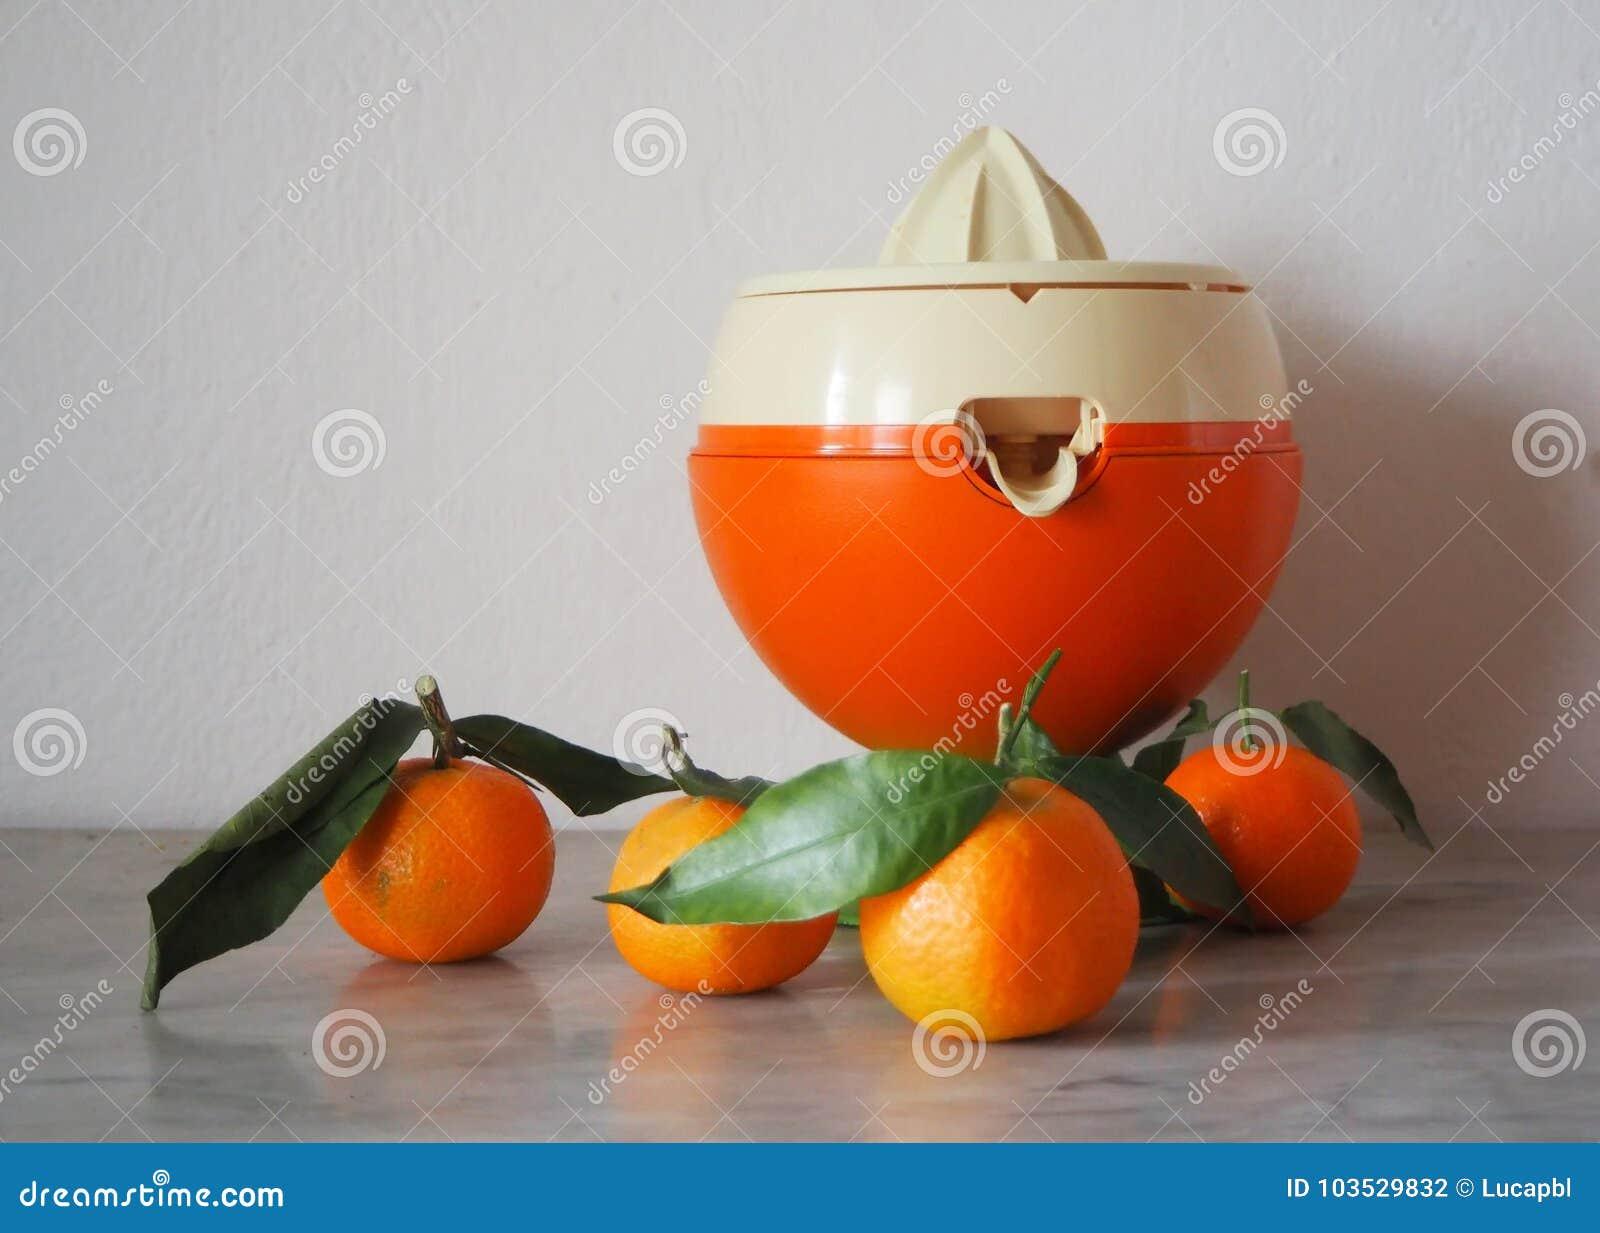 Presse-fruits orange et blanc avec quelques petites oranges sur une table de marbre